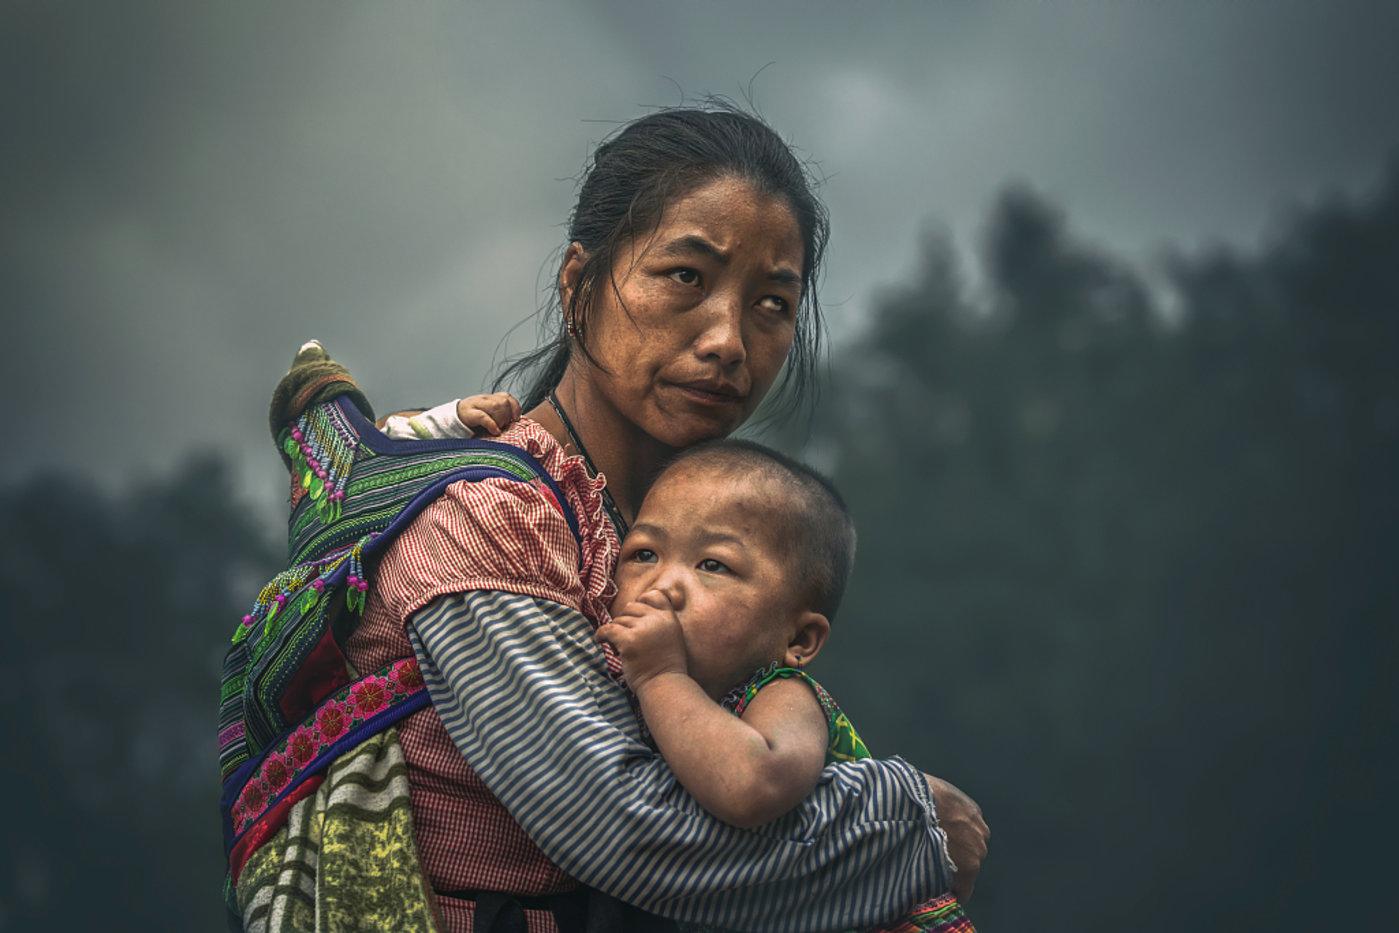 總冠軍/《母親的希望》/Edwin Ong Wee Kee/